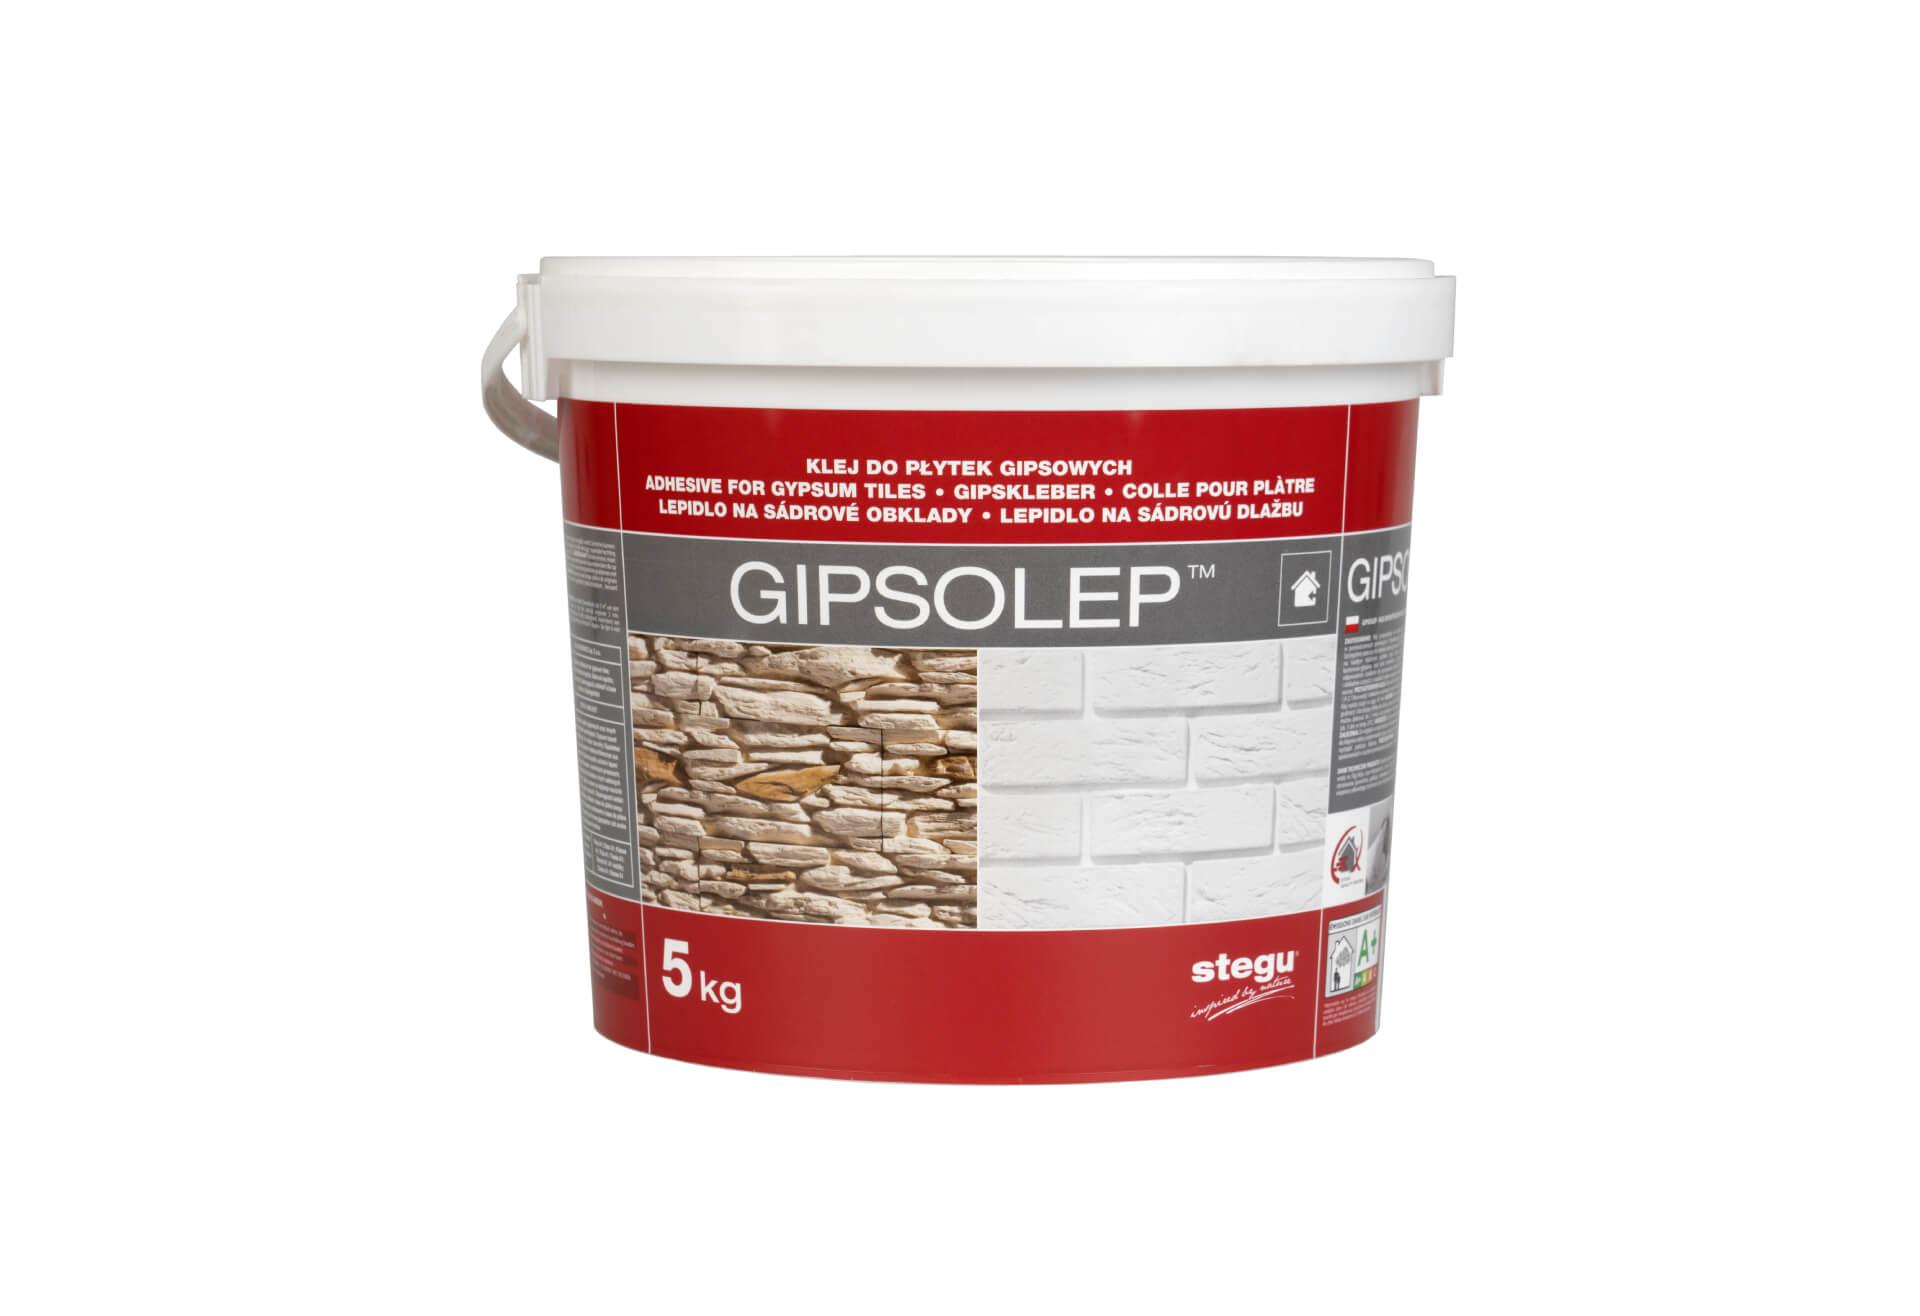 Gipsolep